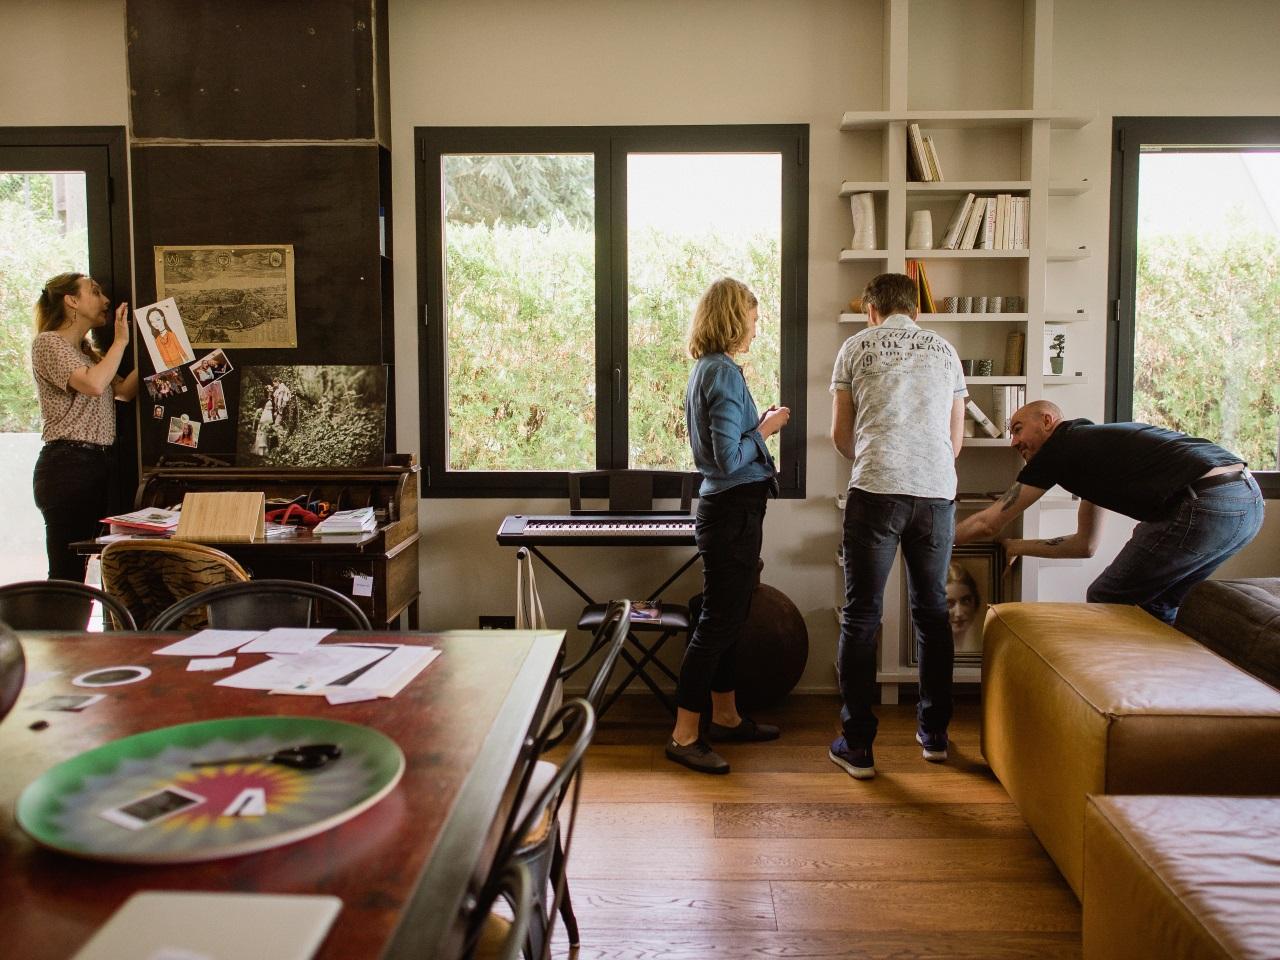 lyon bient t un escape game faire chez soi. Black Bedroom Furniture Sets. Home Design Ideas